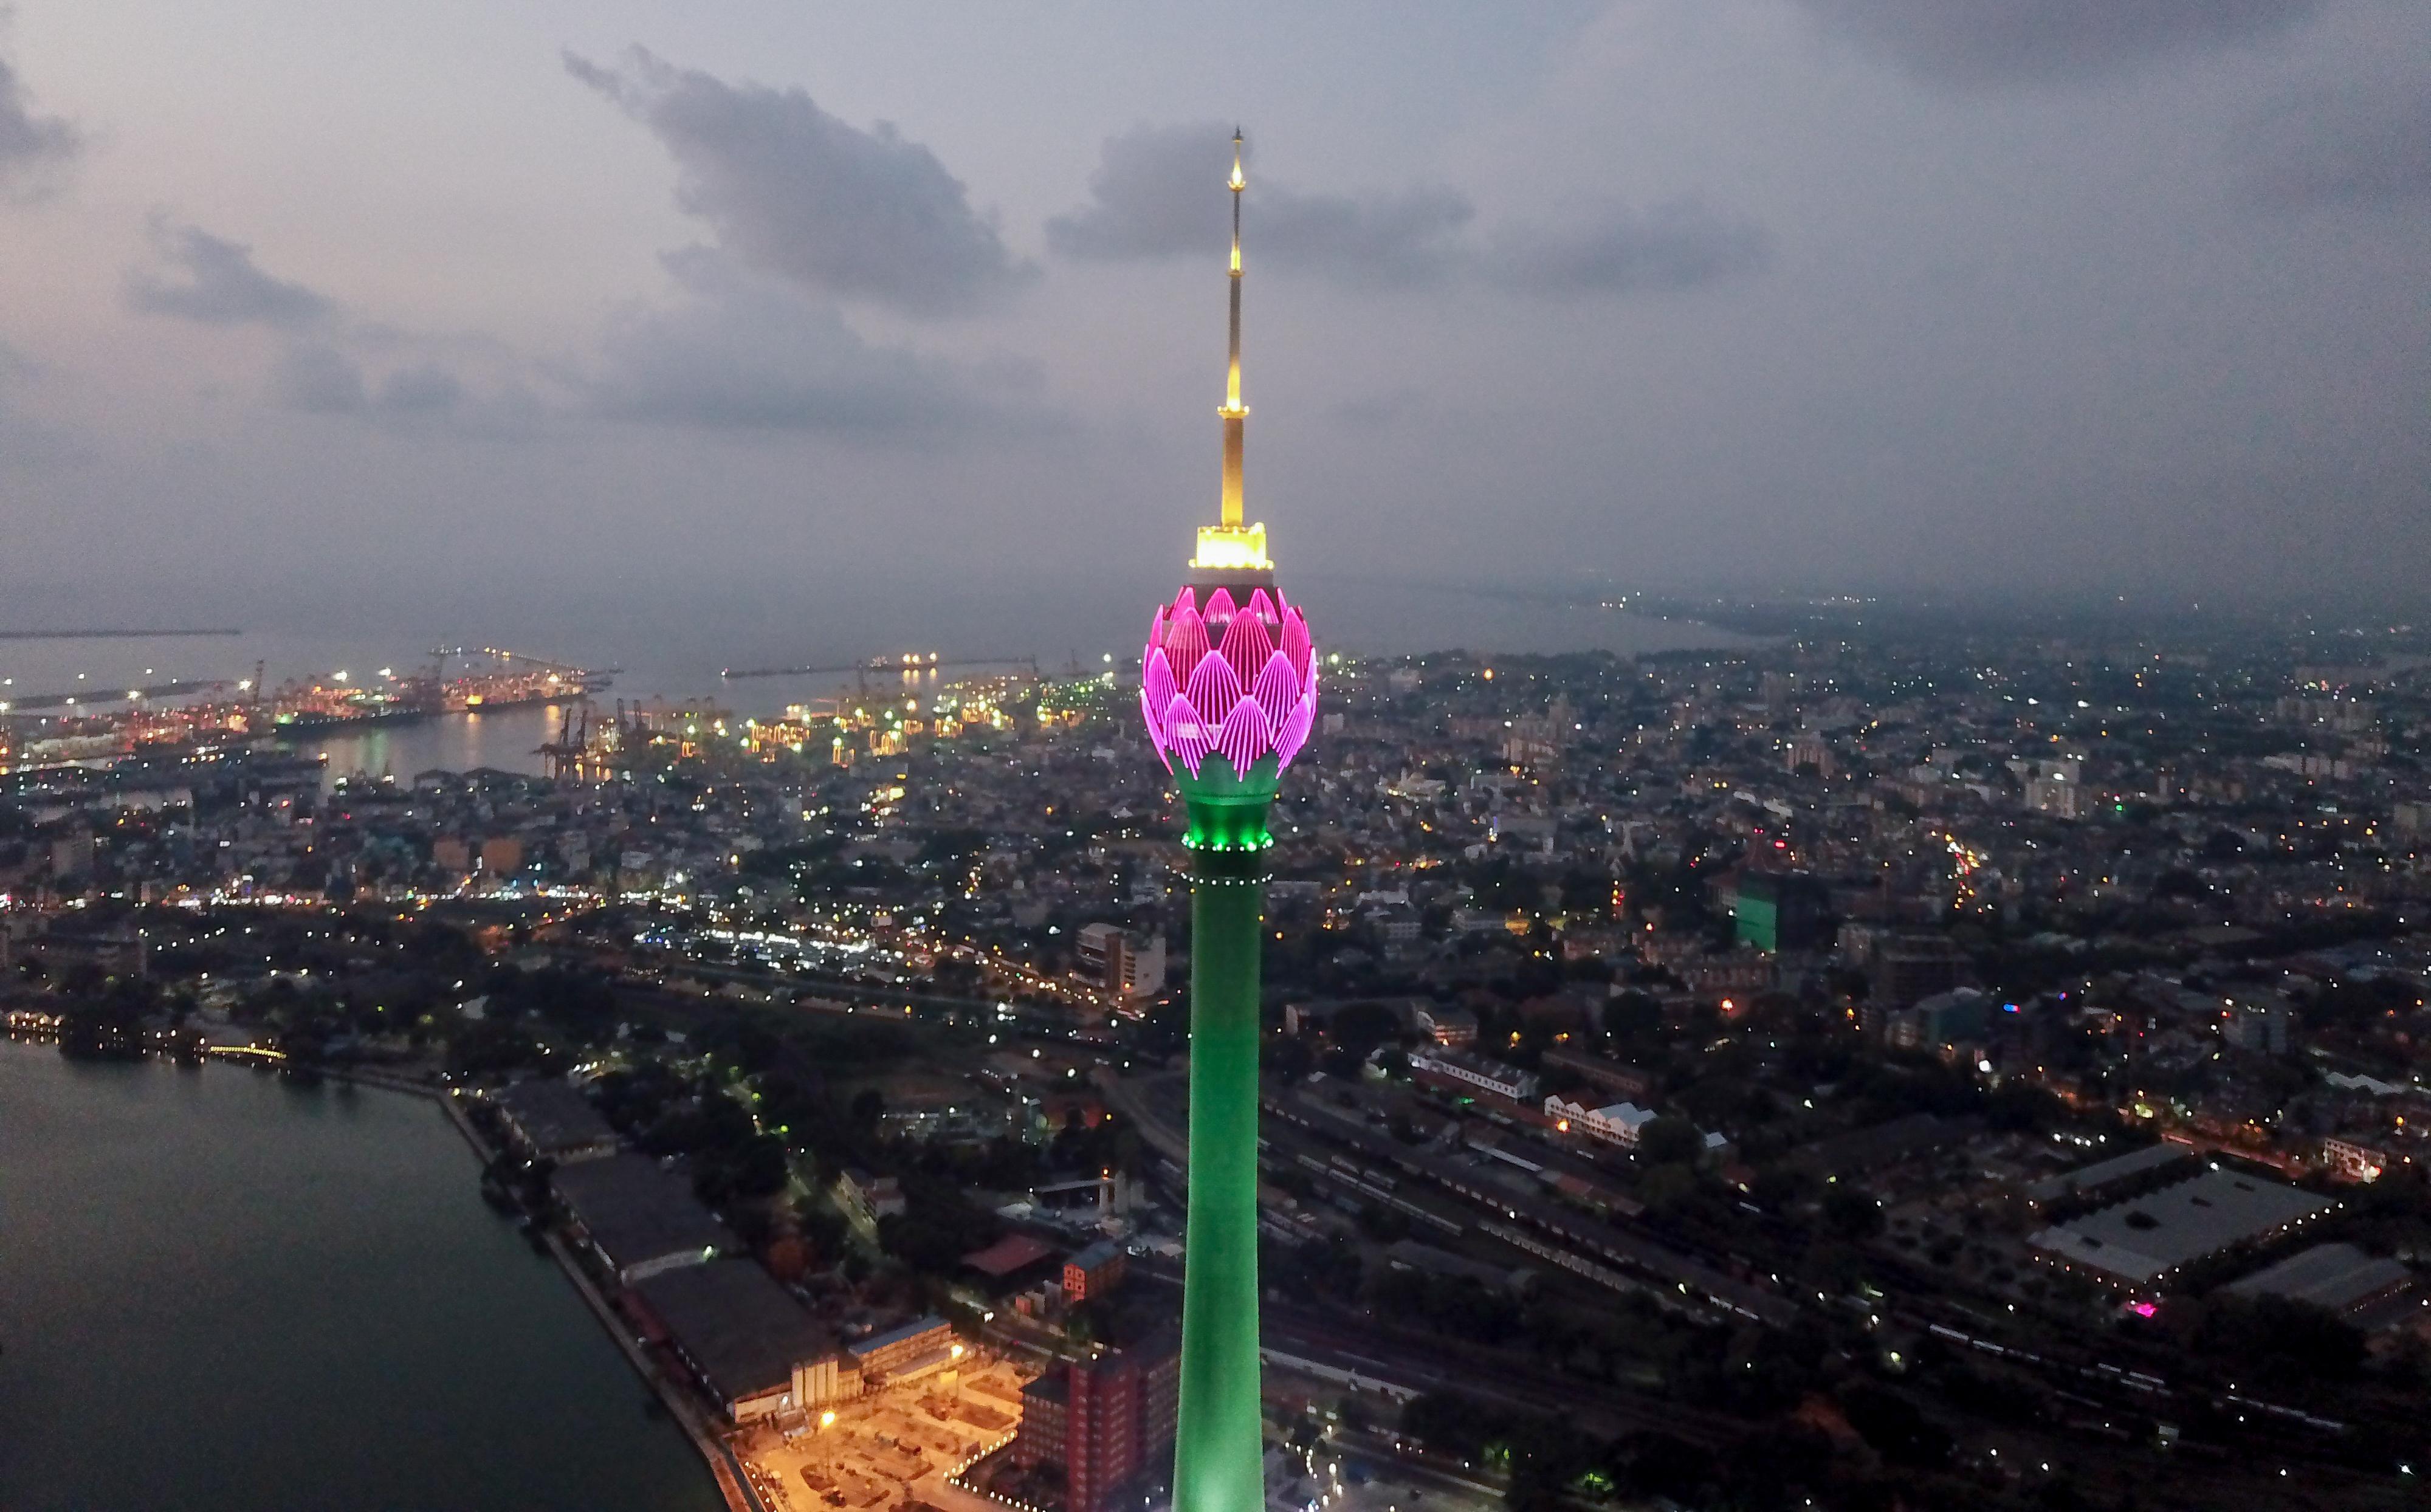 斯里兰卡:科伦坡地标性建筑莲花电视塔项目即将完工